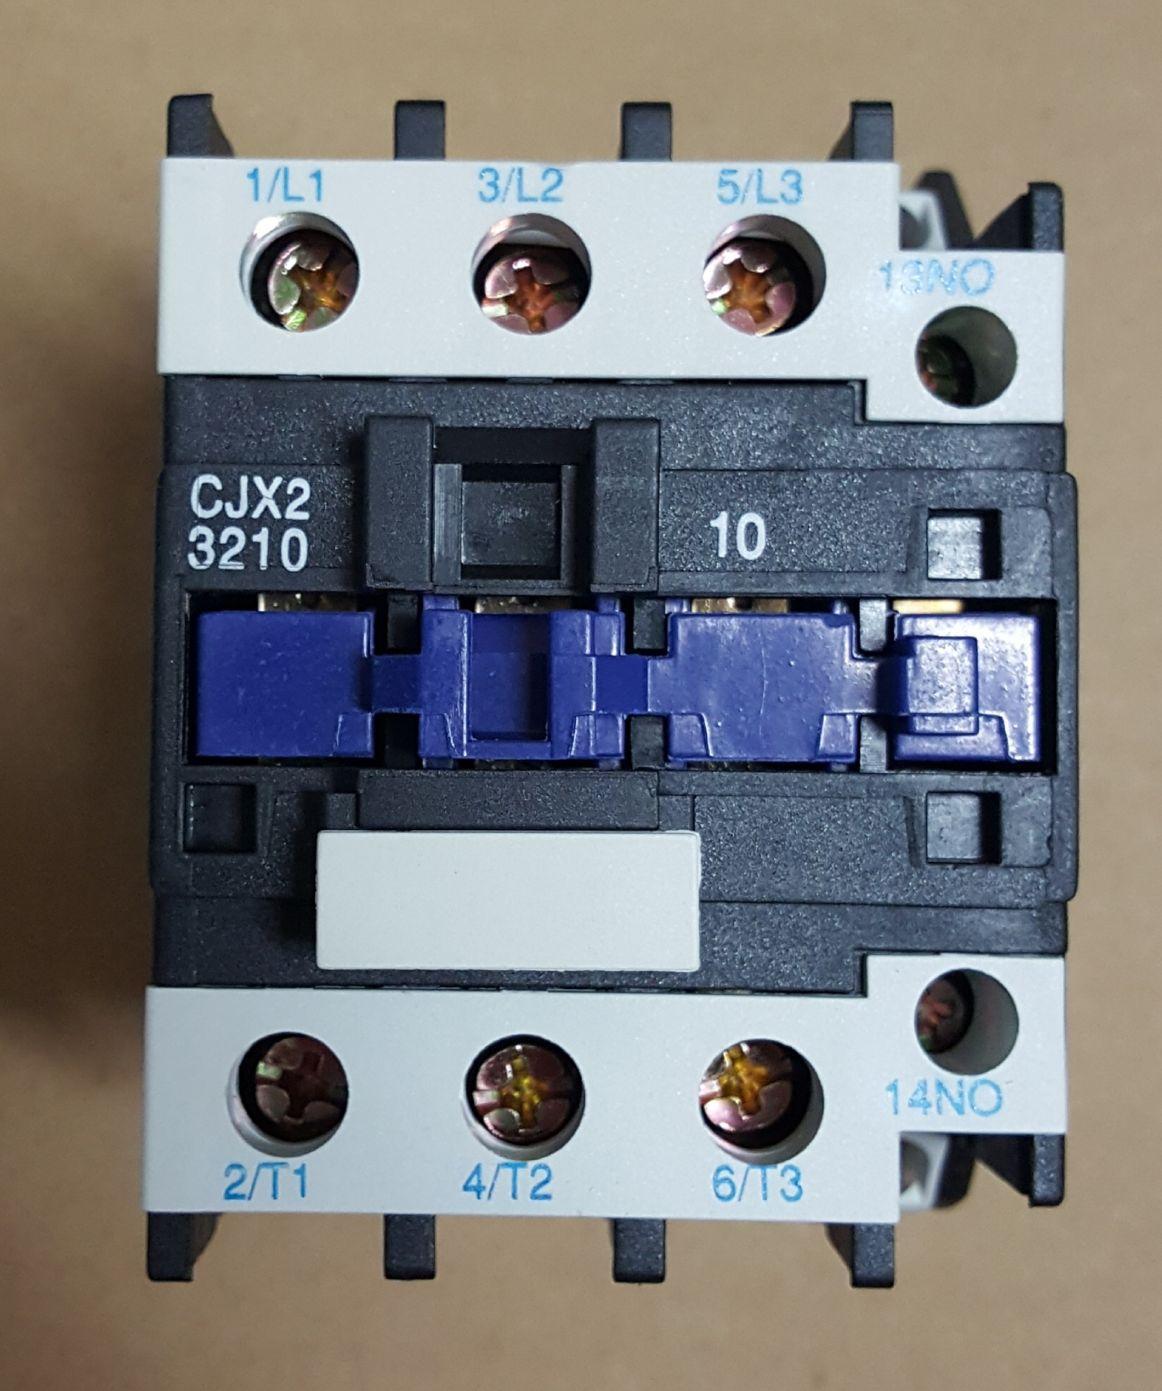 CONTATOR AUXILIAR CJX2-3210 (32 AMPERES) 220V FAIXA AJUSTE 50A